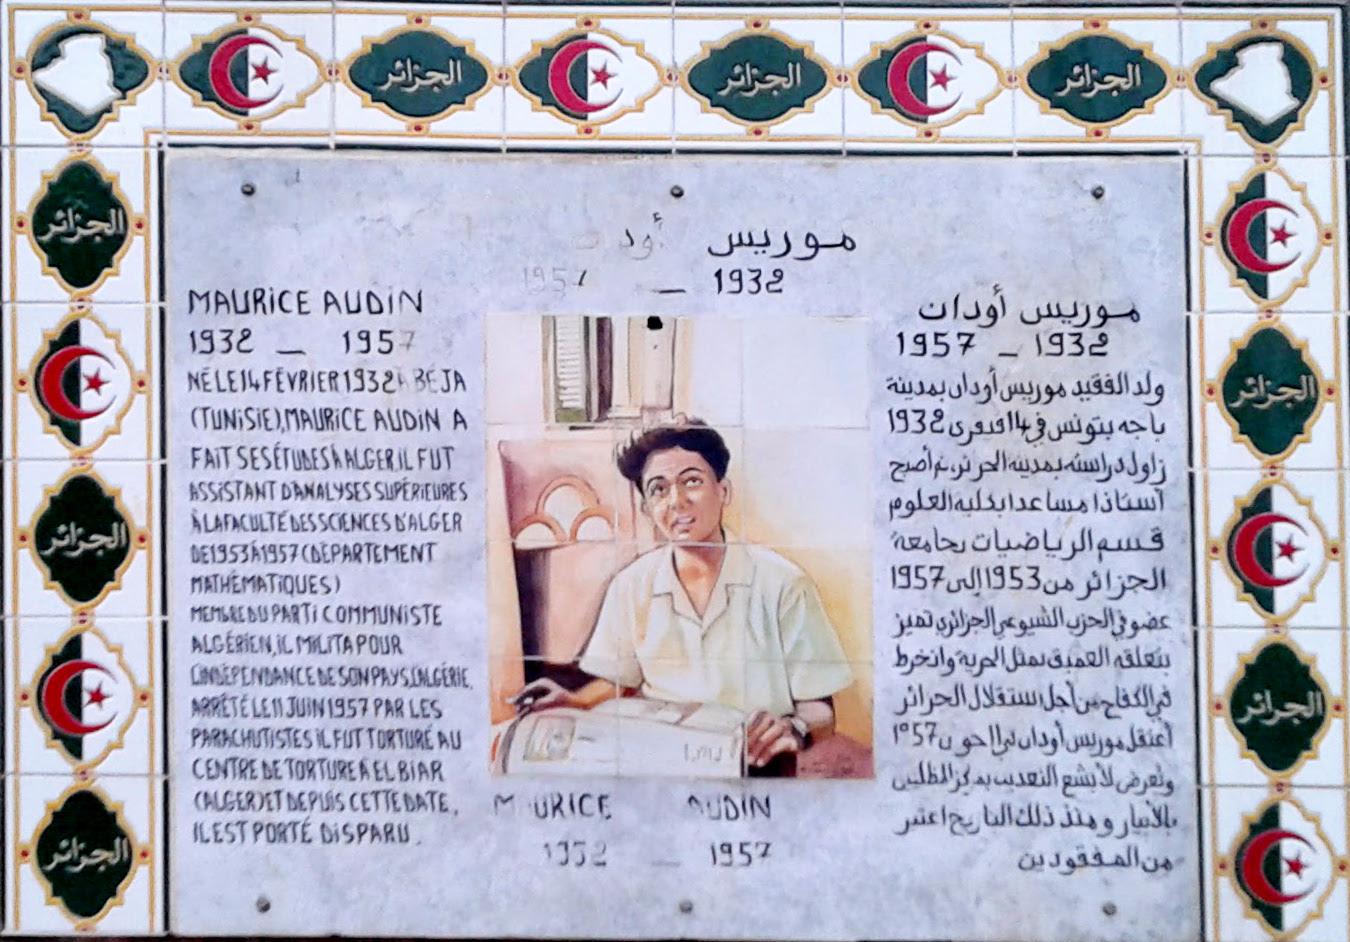 La plaque de la place Maurice Audin à Alger